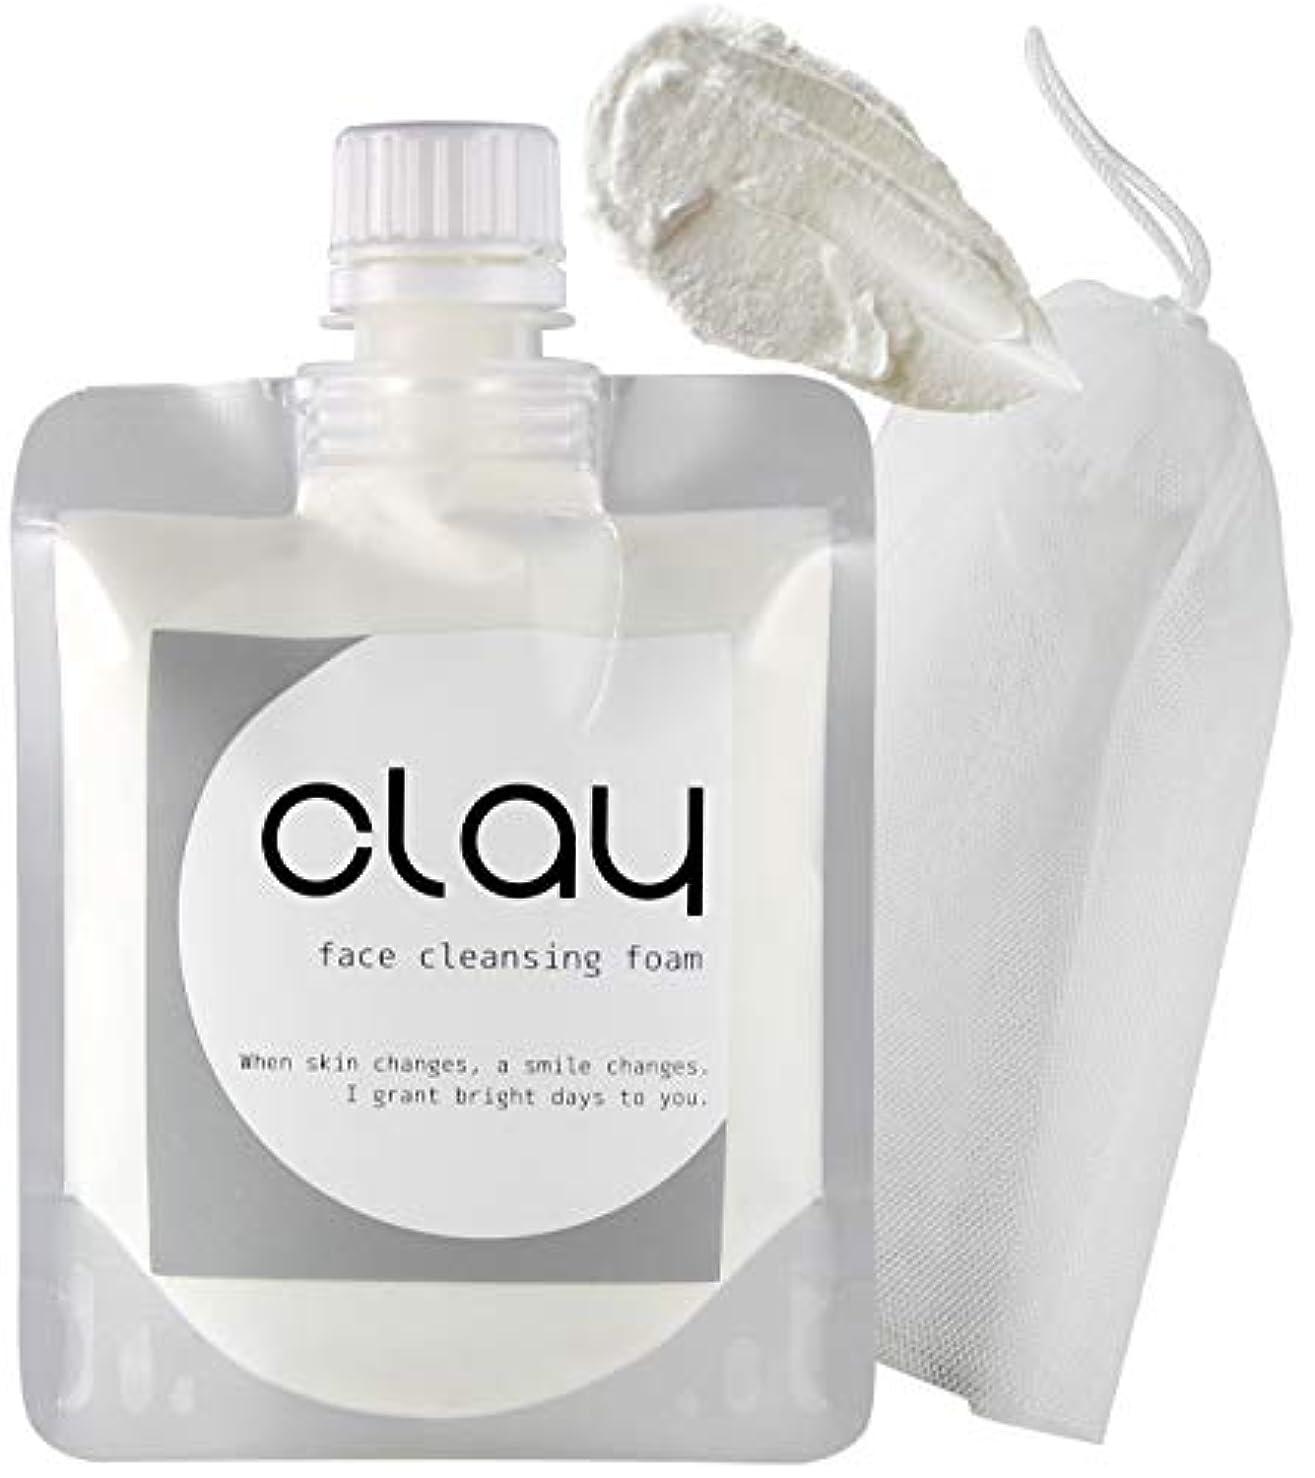 ナサニエル区中に外部STAR'S クレイ 泥 洗顔 オーガニック 【 毛穴 黒ずみ 開き ザラ付き 用】「 泡 ネット 付き」 40種類の植物エキス 16種類の美容成分 9つの無添加 透明感 柔肌 130g (Clay)